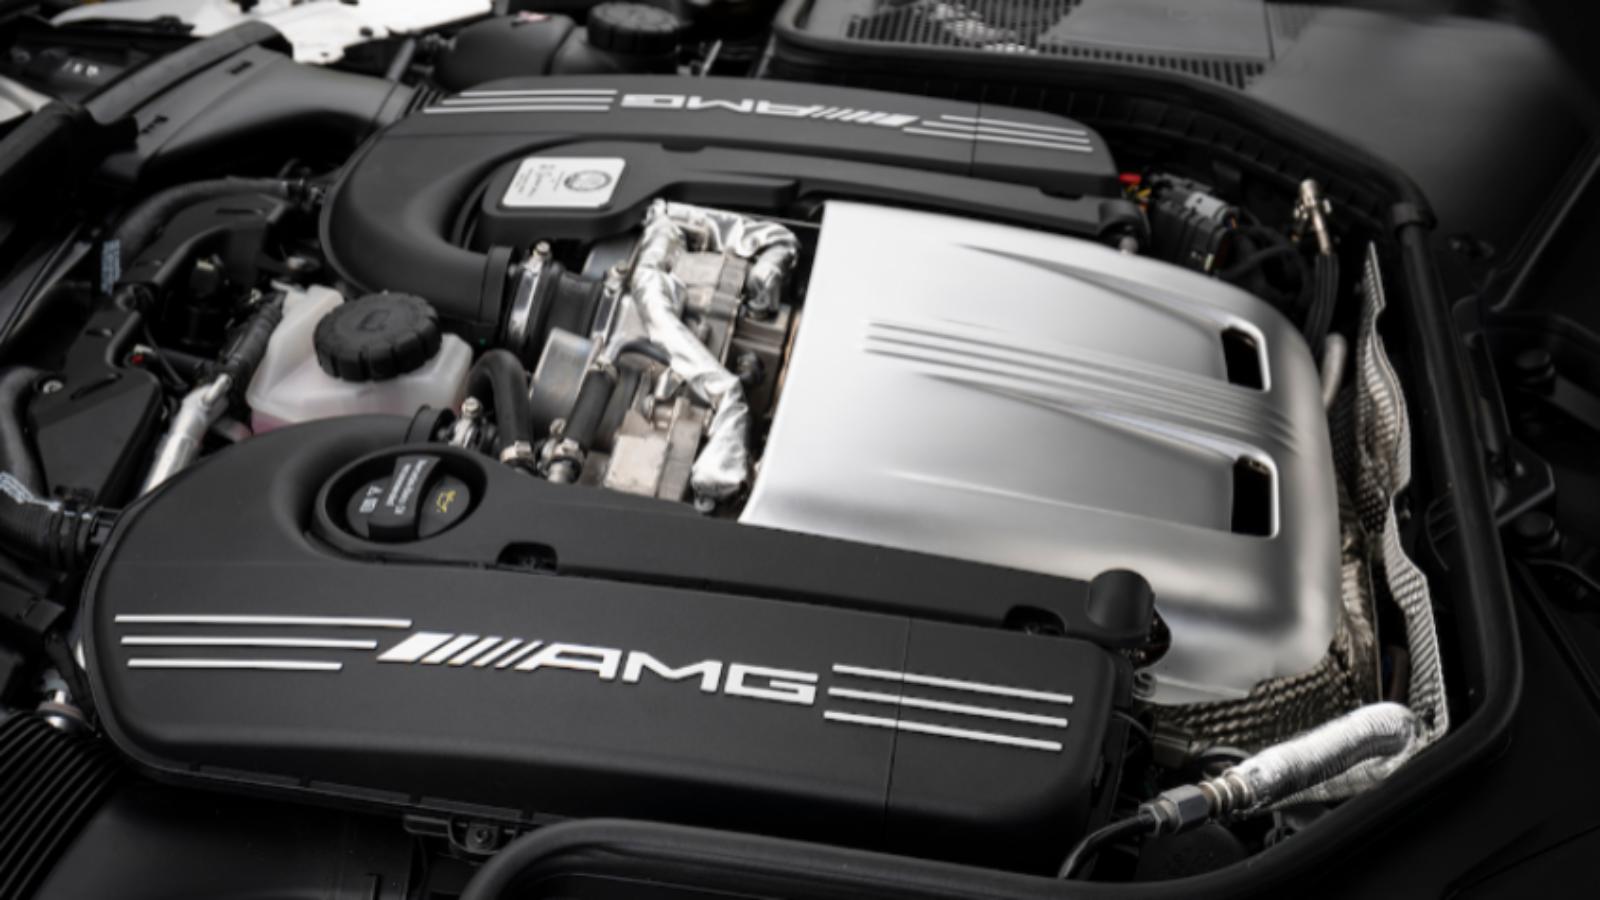 2019 Mercedes-AMG C63 S: A Closer Look